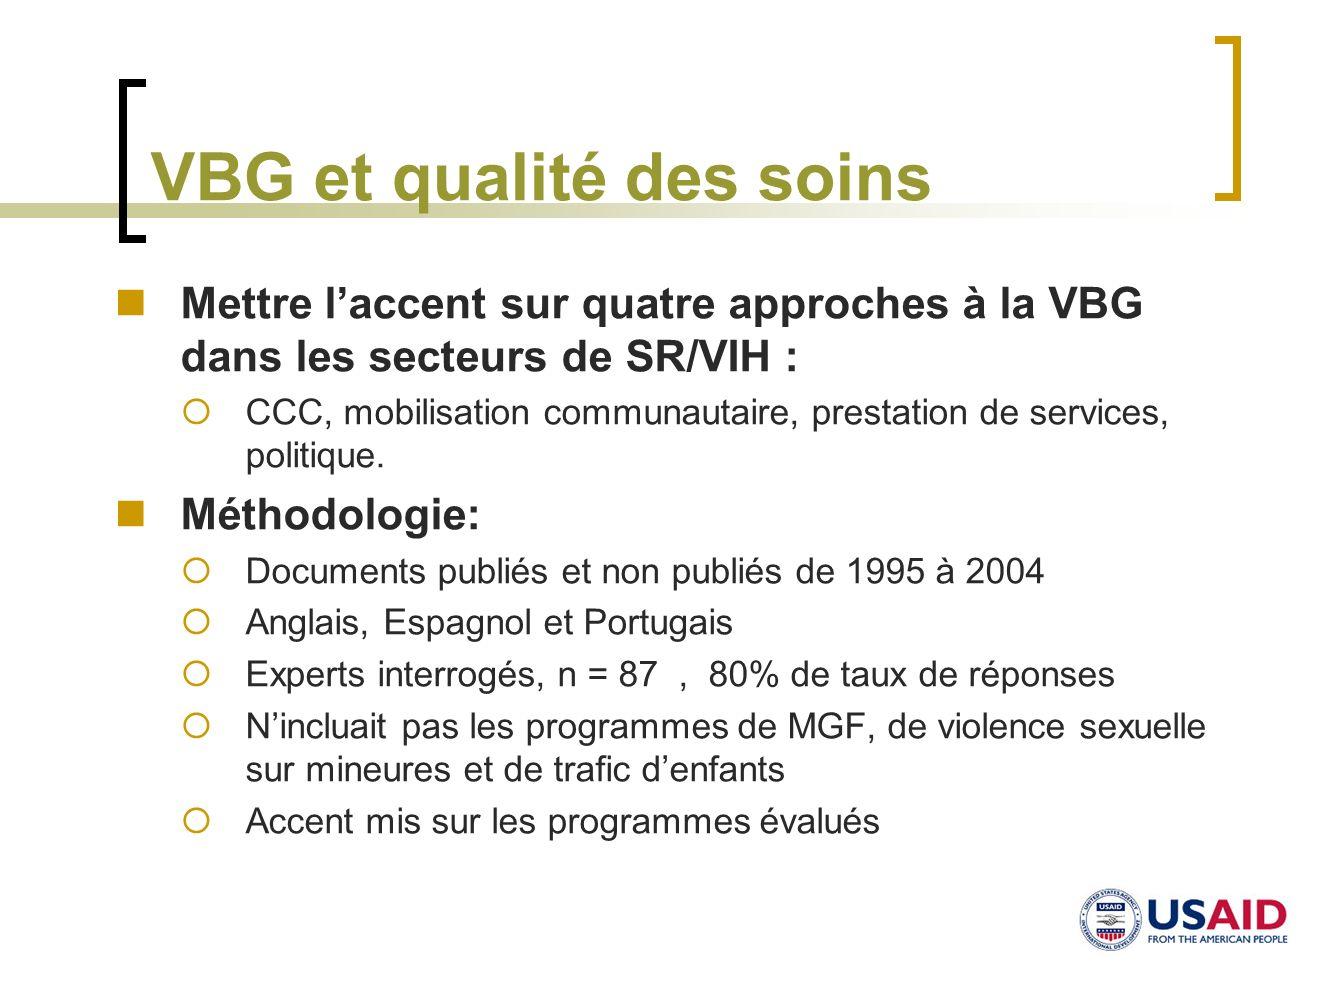 VBG et qualité des soins